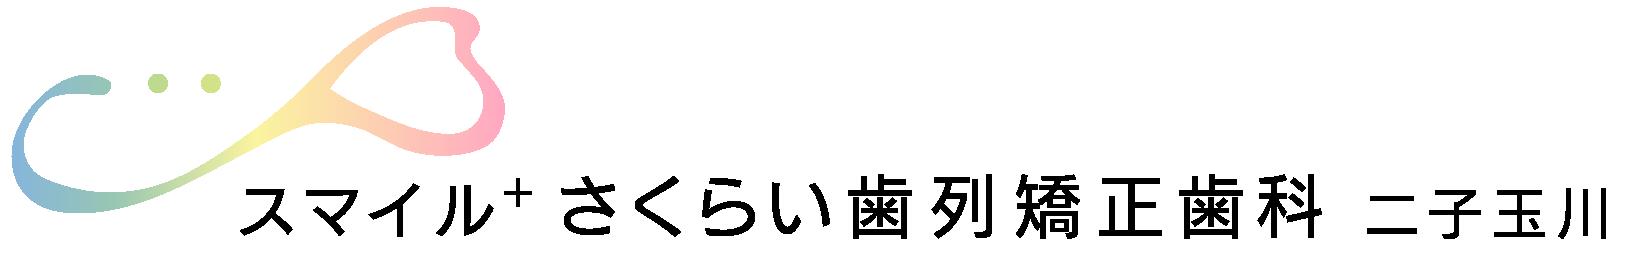 世田谷区二子玉川 マウスピース矯正インビザライン|『マウスピース矯正専門サイト』